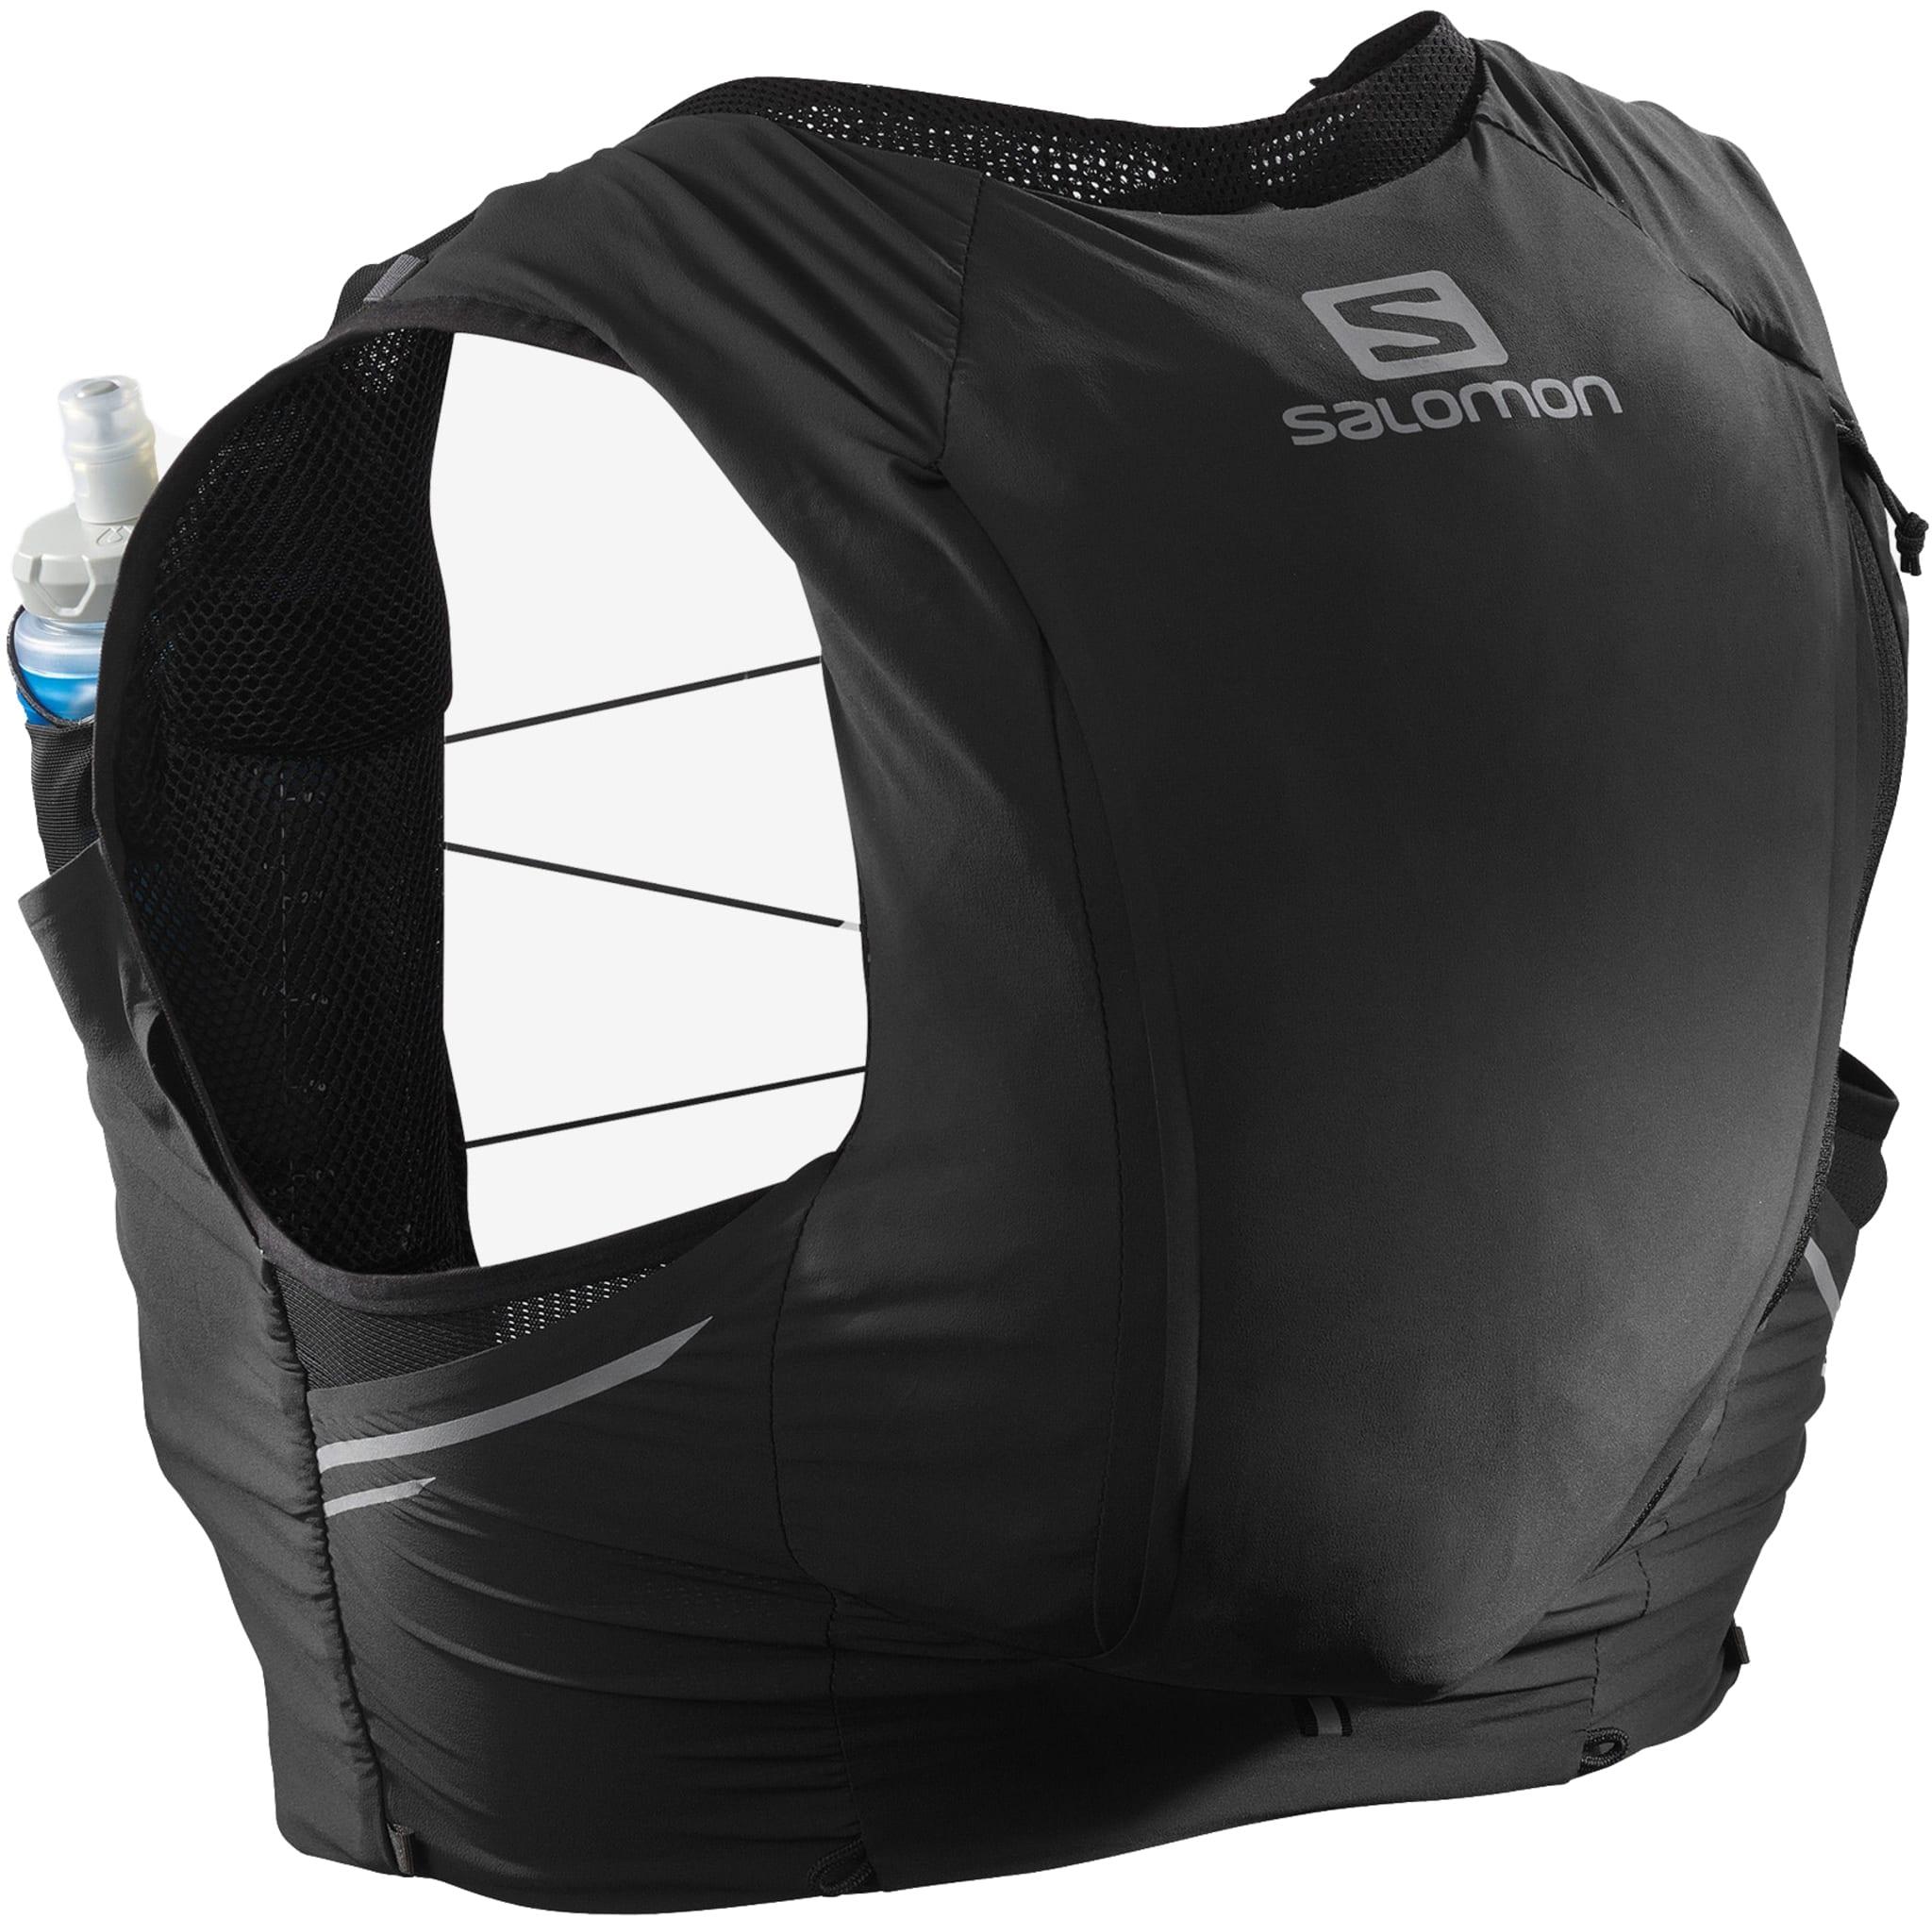 Høykvalitets løpevest med stretchy passform og to vannflasker